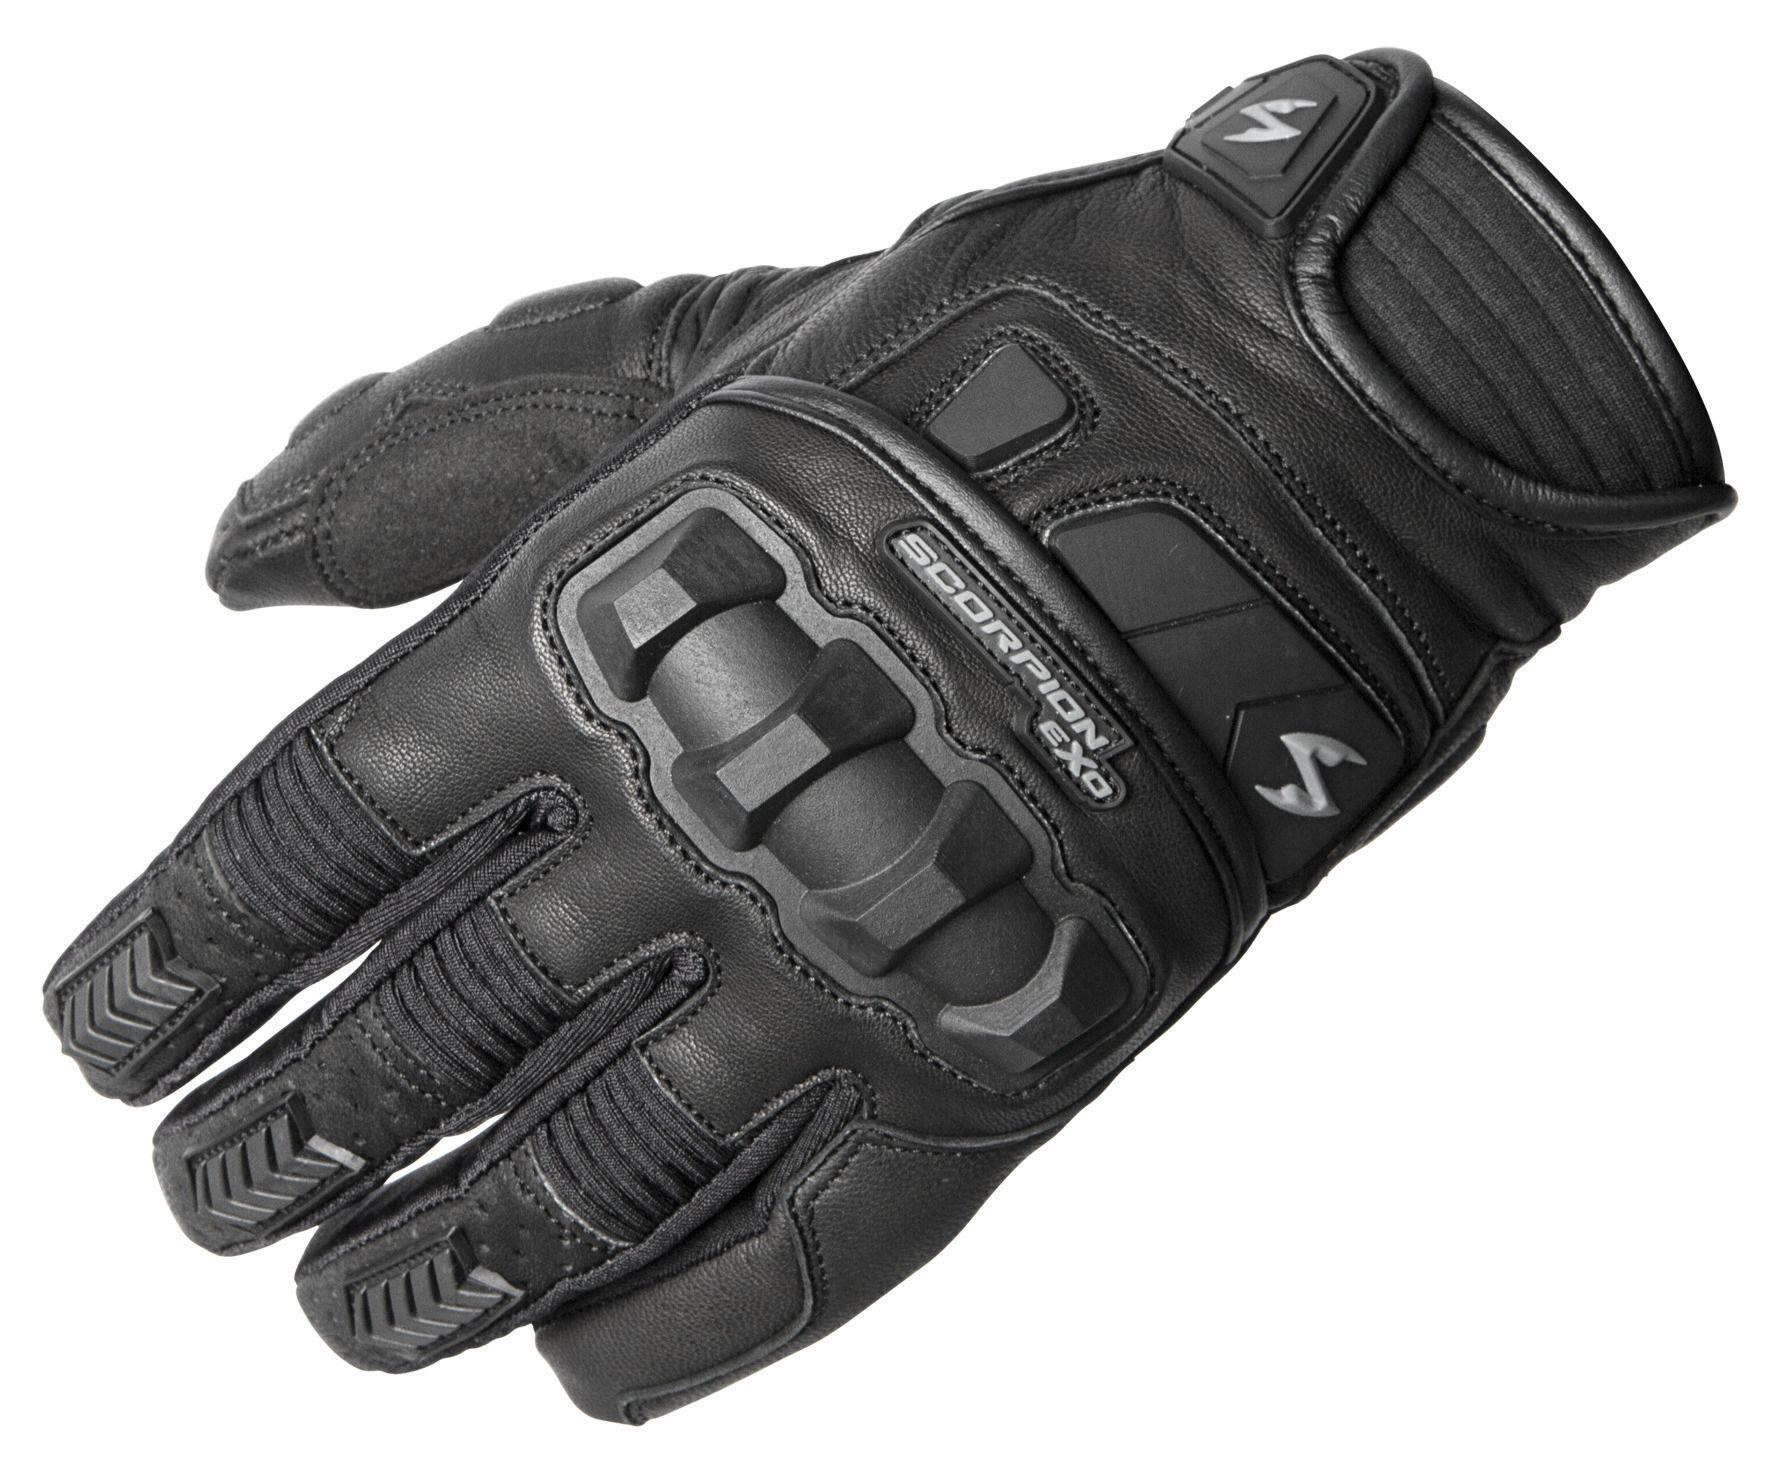 Black riding gloves - Black Riding Gloves 57